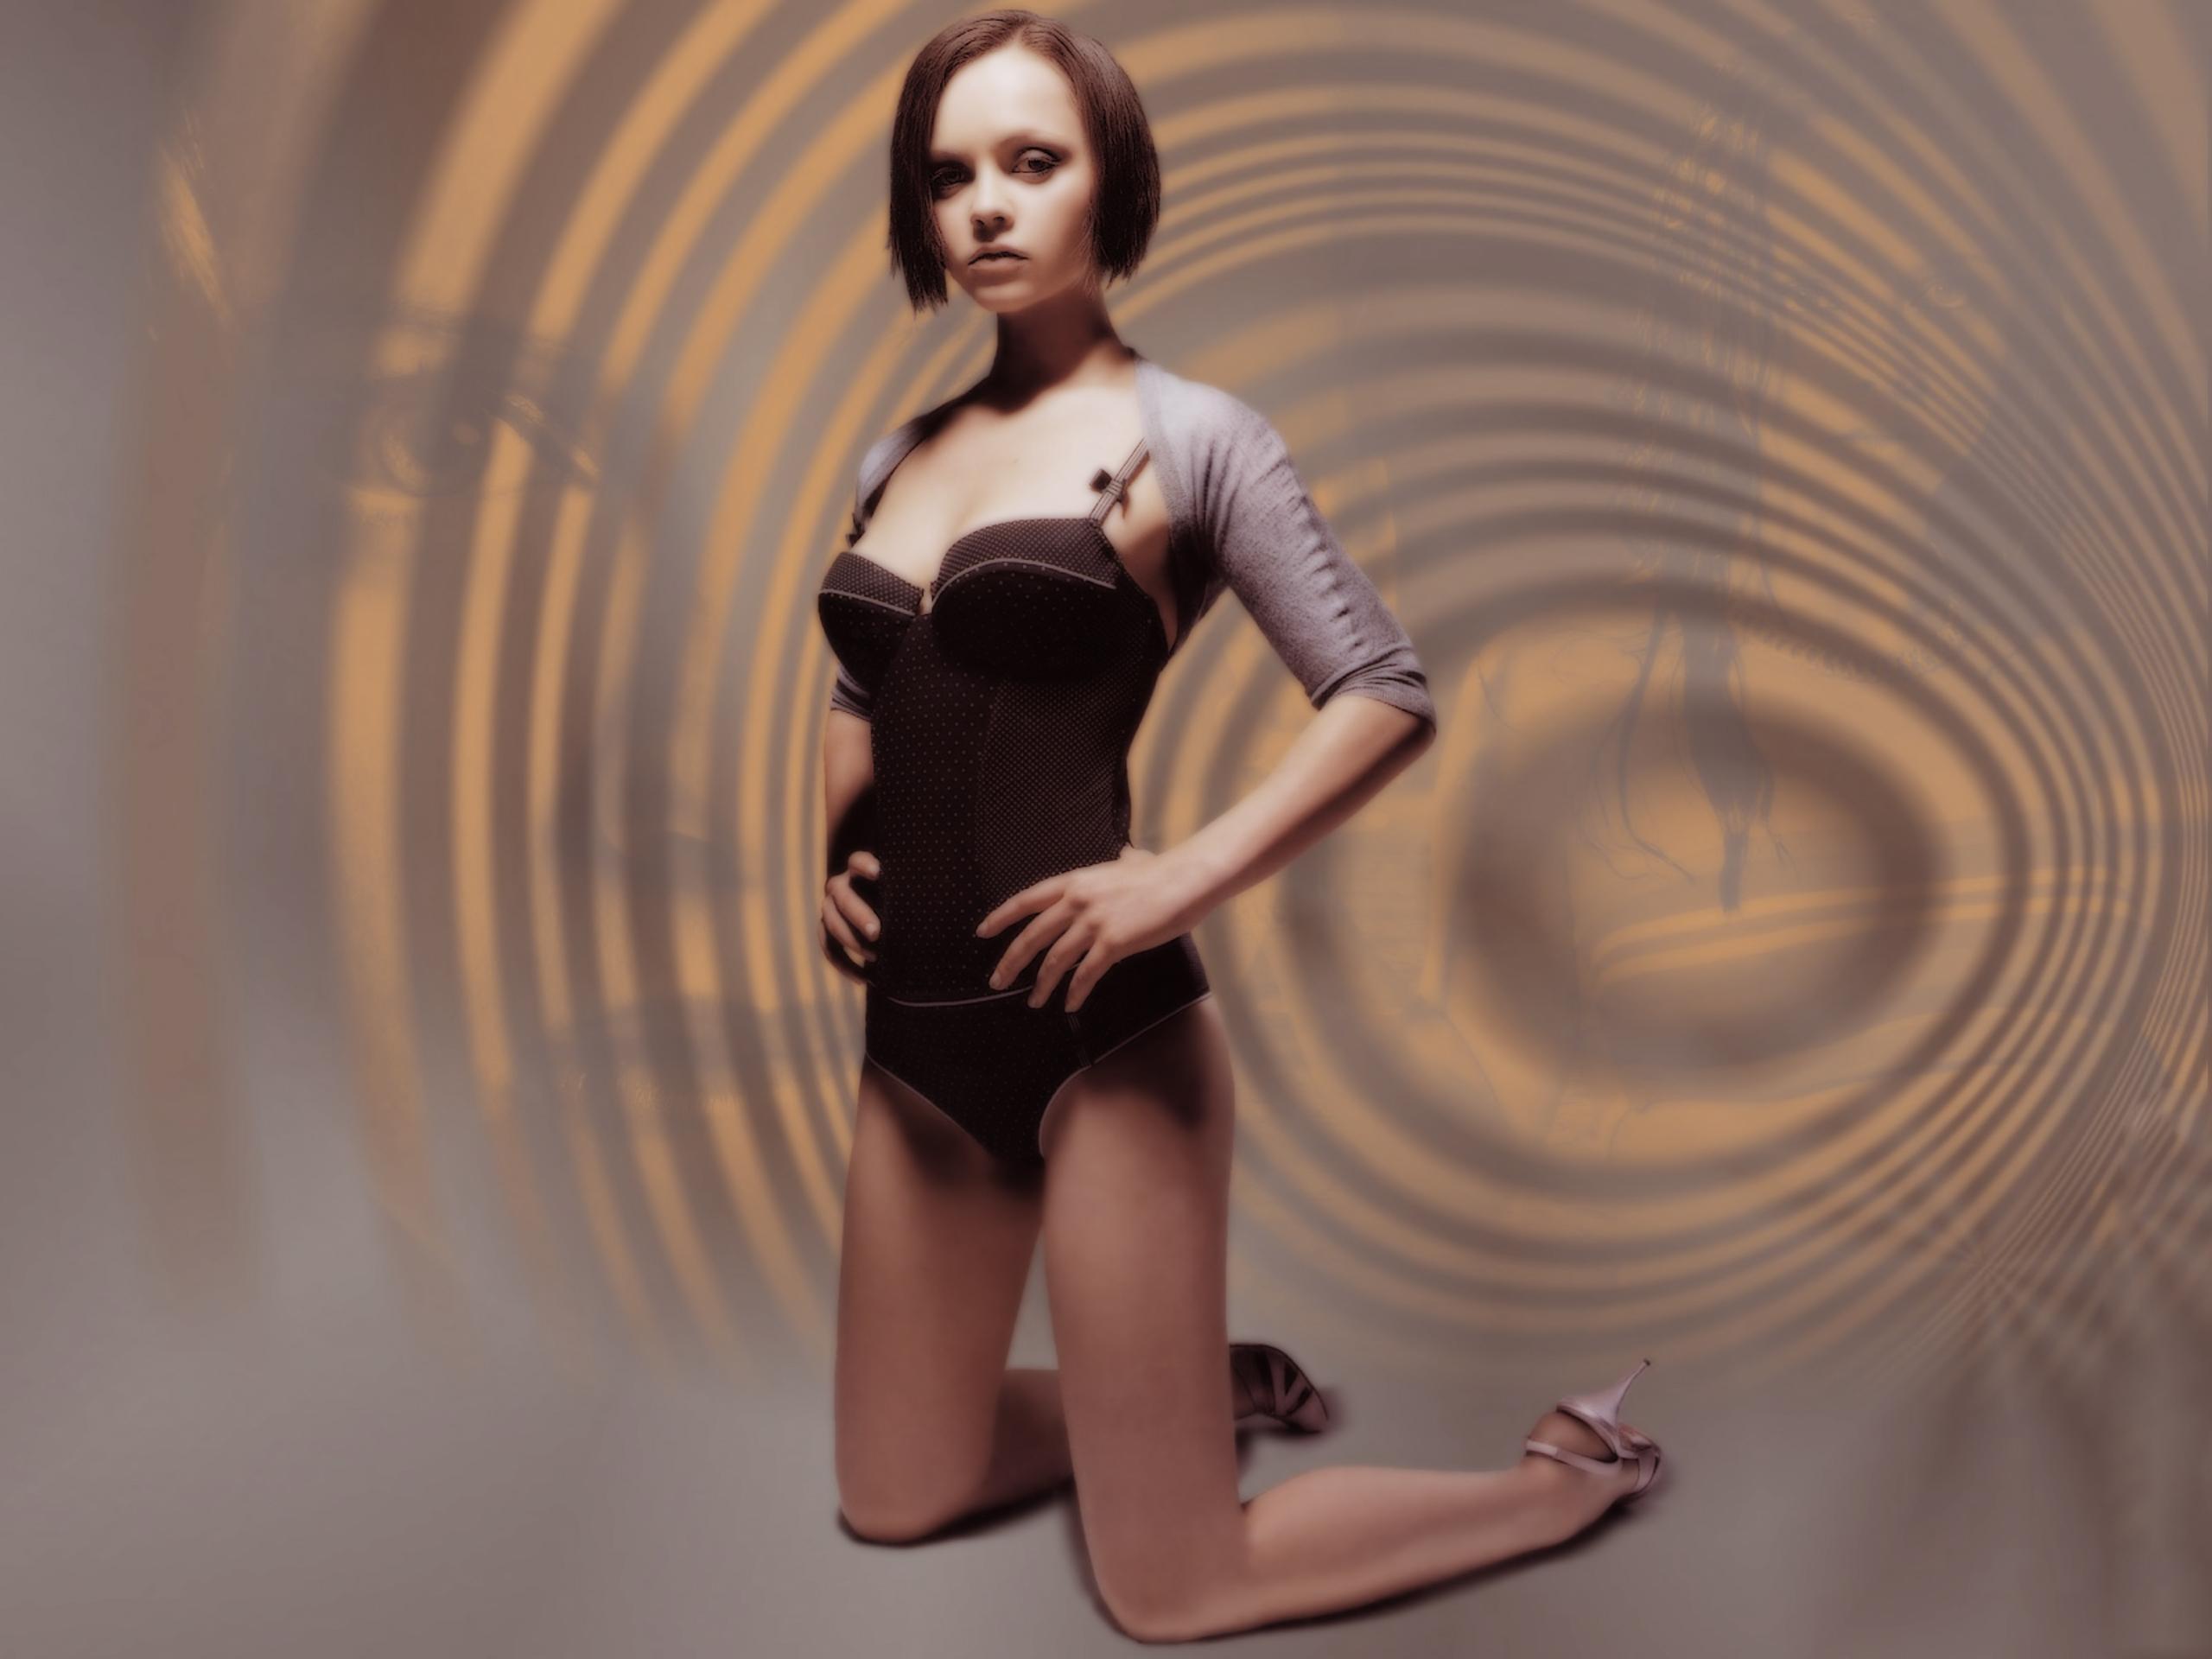 Christina Ricci Wallpapers Desktop Wallpapers 2560x1920